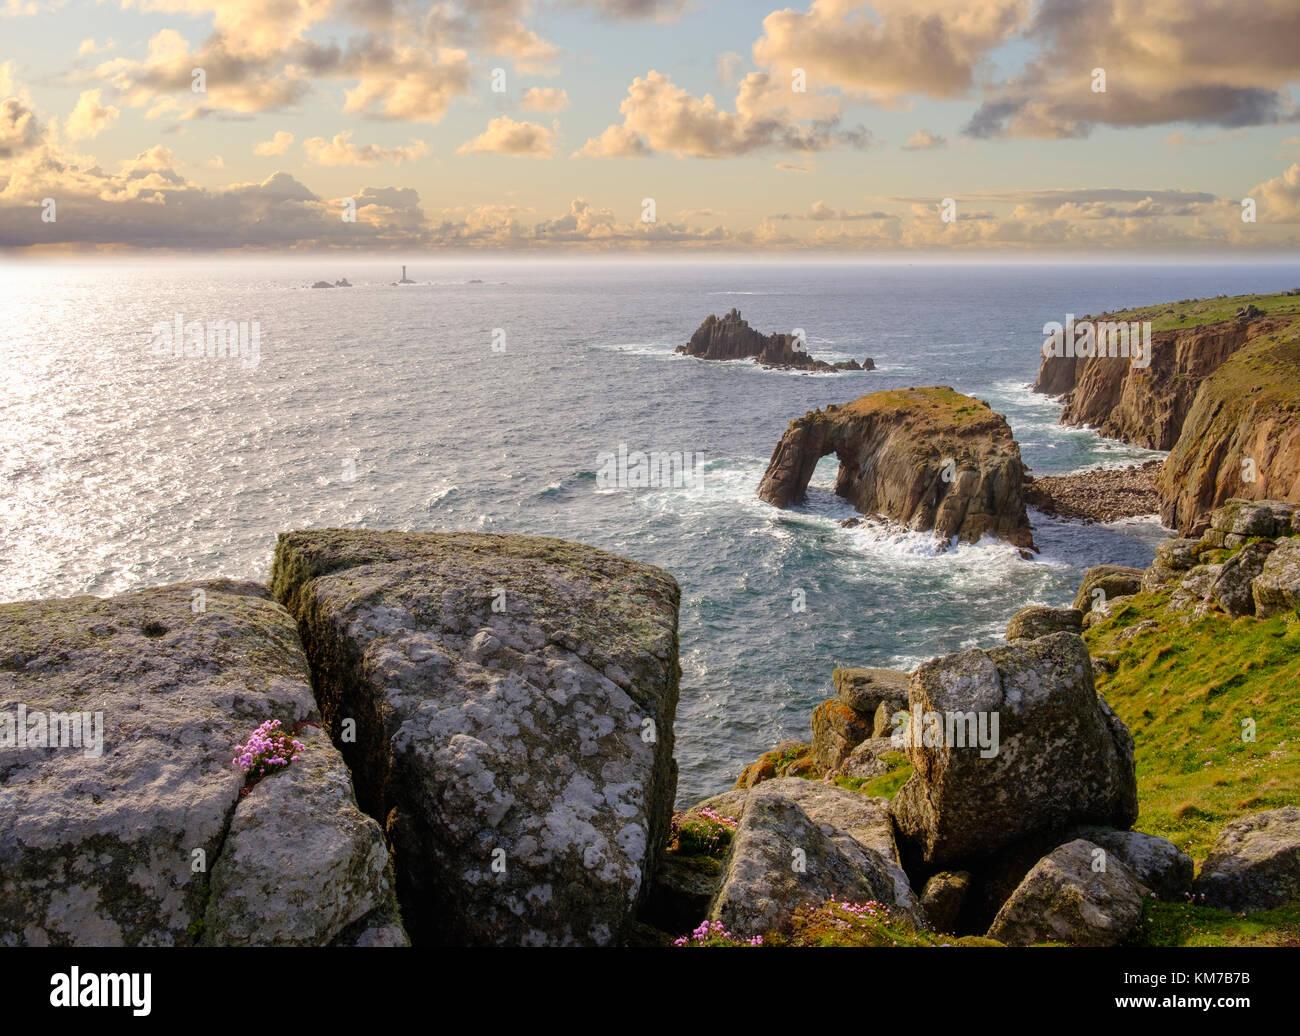 Steilküste mit Enys Dodman Rock, hinten der Longship Leuchtturm, Land's End, Cornwall, England, Großbritannien - Stock Image